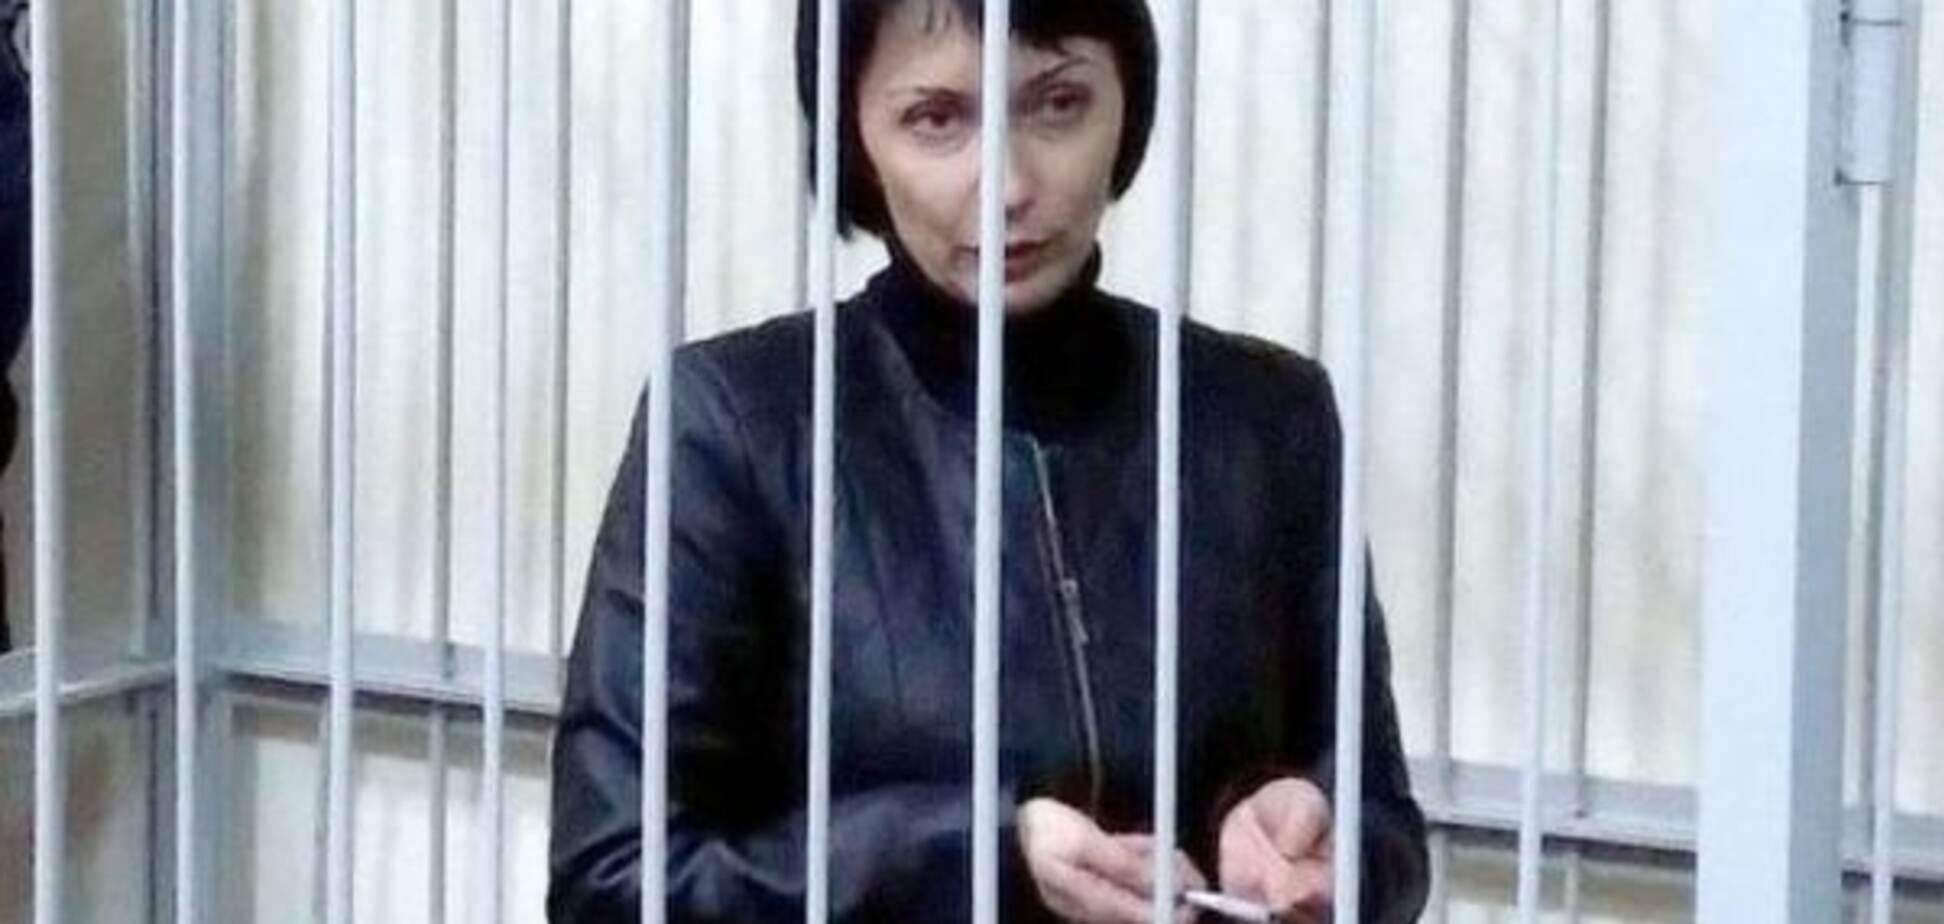 Портнов заявив, що Лукаш викрали з СІЗО